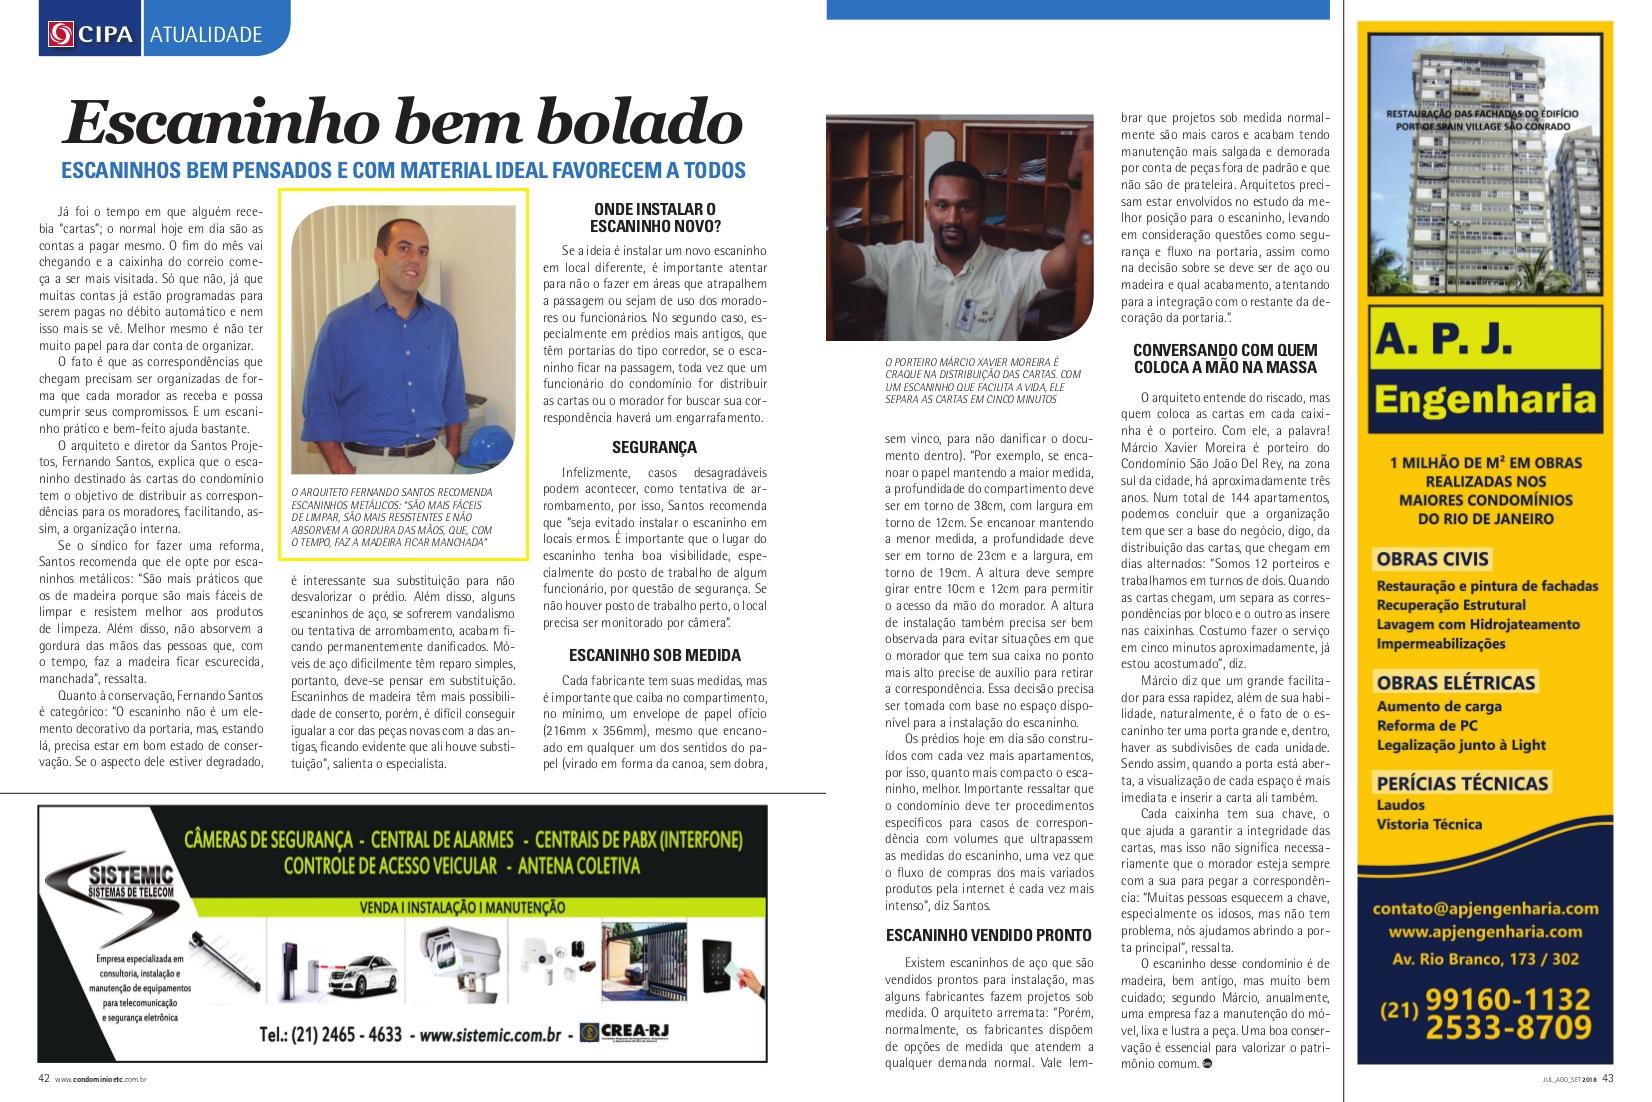 Revista Condomínio (Cipa) – matéria Escaninho bem bolado